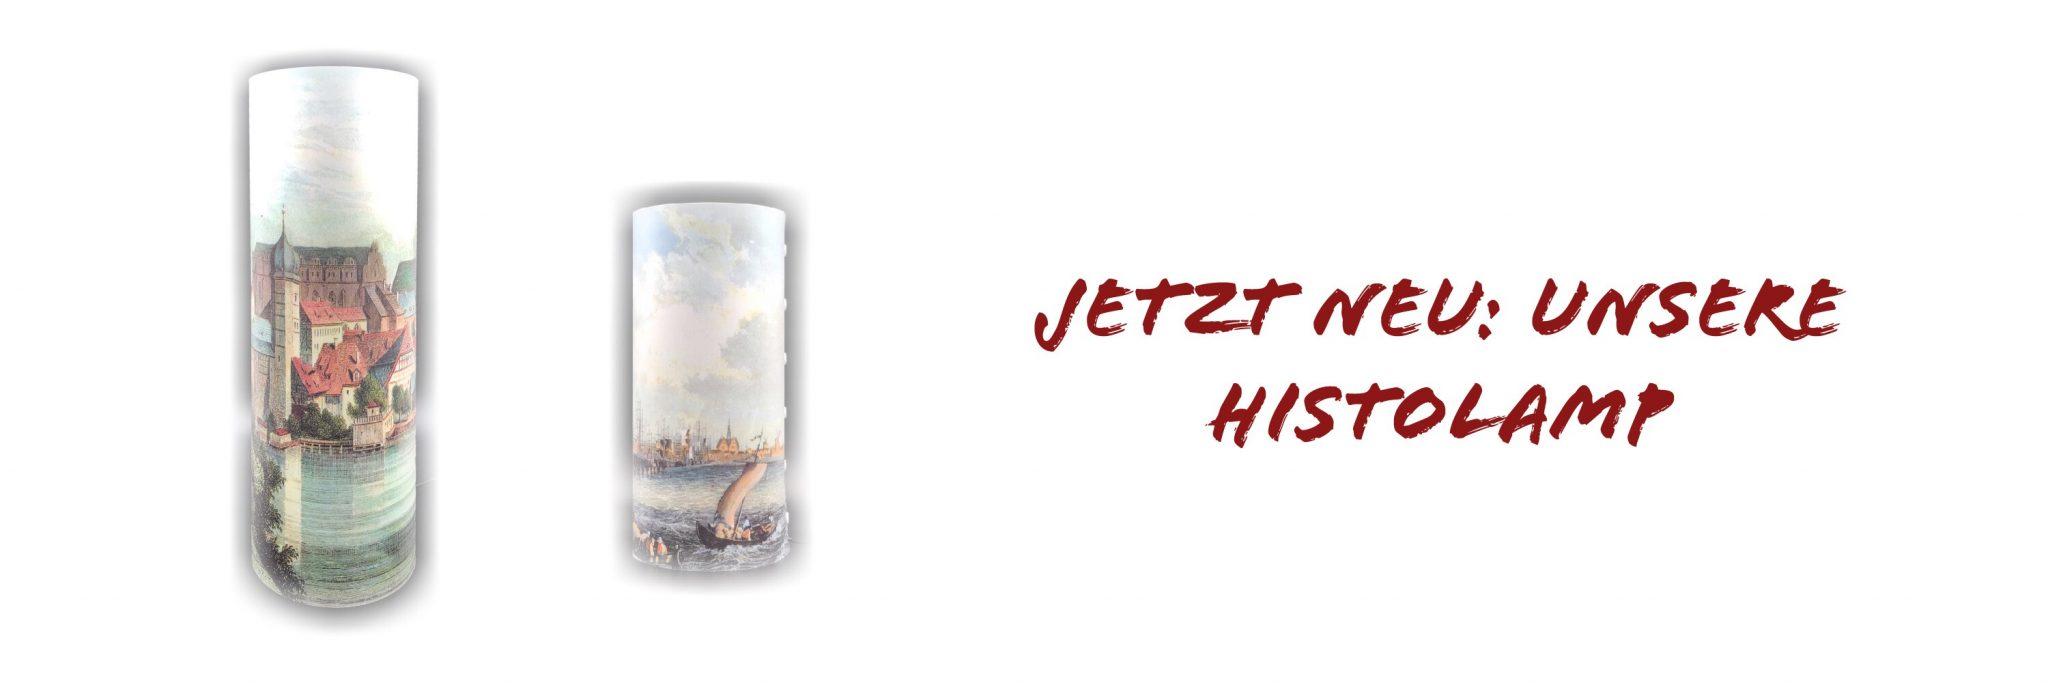 https://www.historienbilder.de/wp-content/uploads/2019/01/3D13F1BB-28BD-4455-BA50-A1344236470C.jpeg